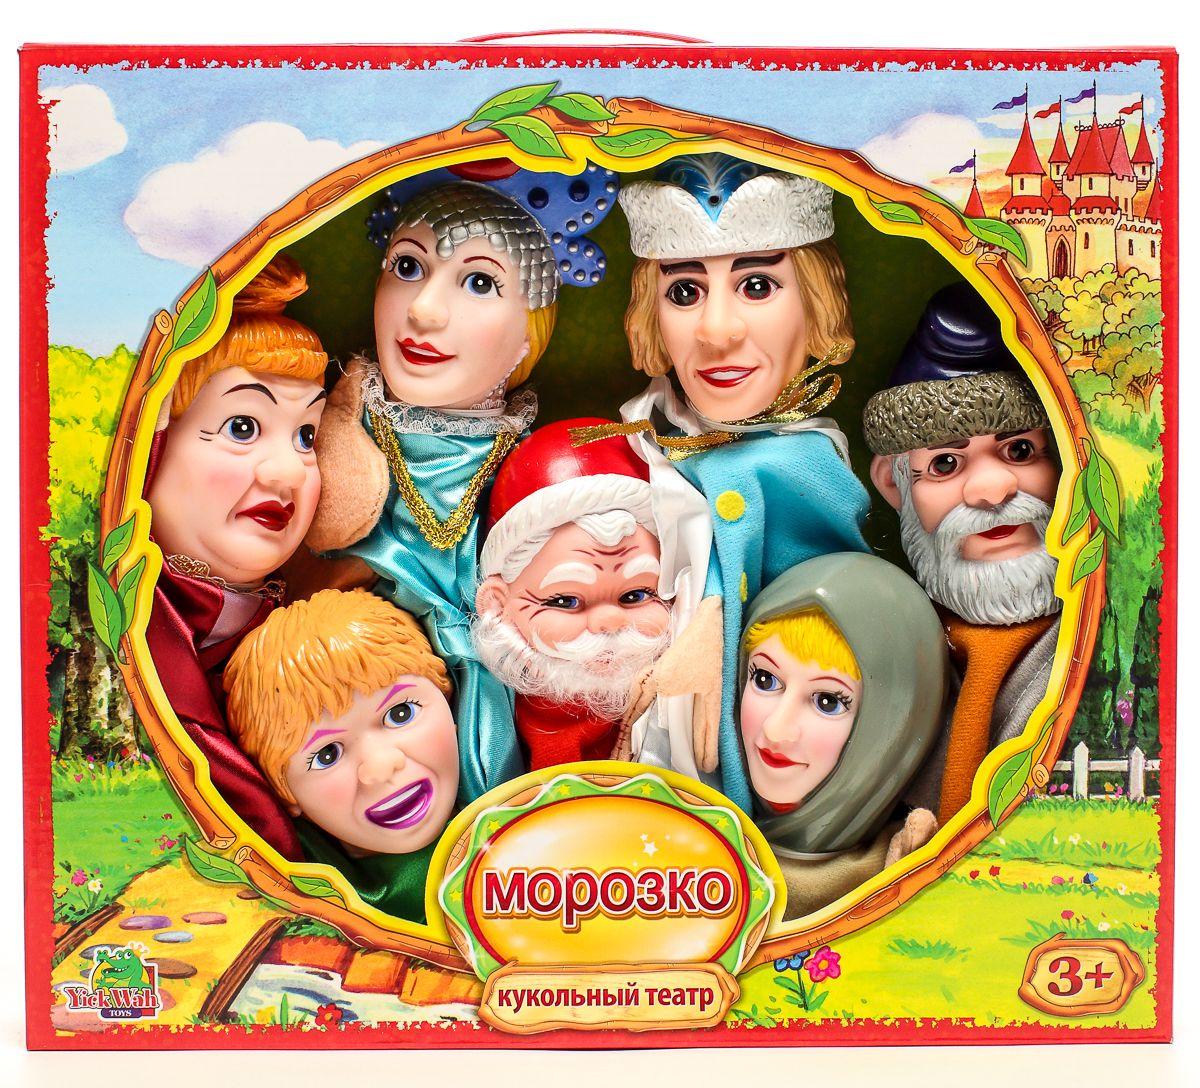 Yick Wah Кукольный театр Морозко7142/2Кукольный театр создан на основе всем известной сказки.Набор состоит из 7-и кукол-марионеток большого размера,одевающихся на кисть руки.Куклы обладают высокой прочностью,безопасностью.Доставляют малышам масс приятных и радостных эмоций